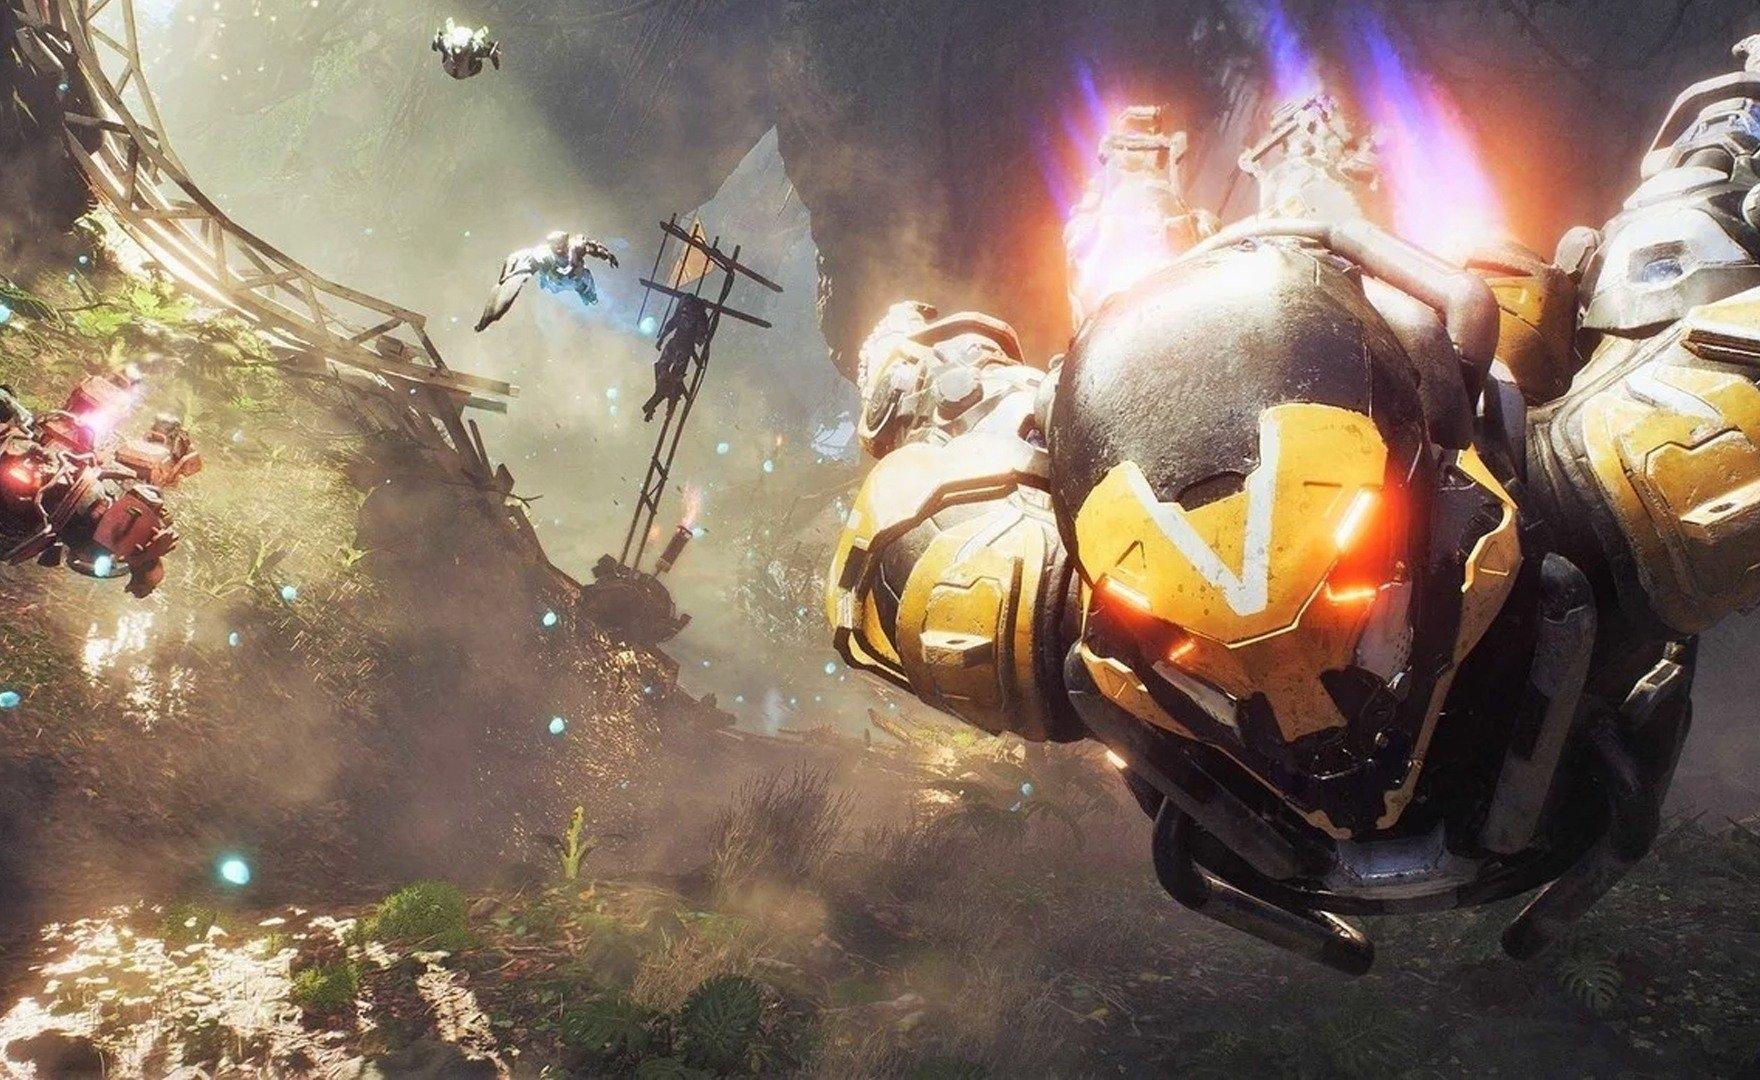 Anthem: come sarebbe su PS5 e Xbox Scarlett? Eccolo in 4K, ray tracing e reshade